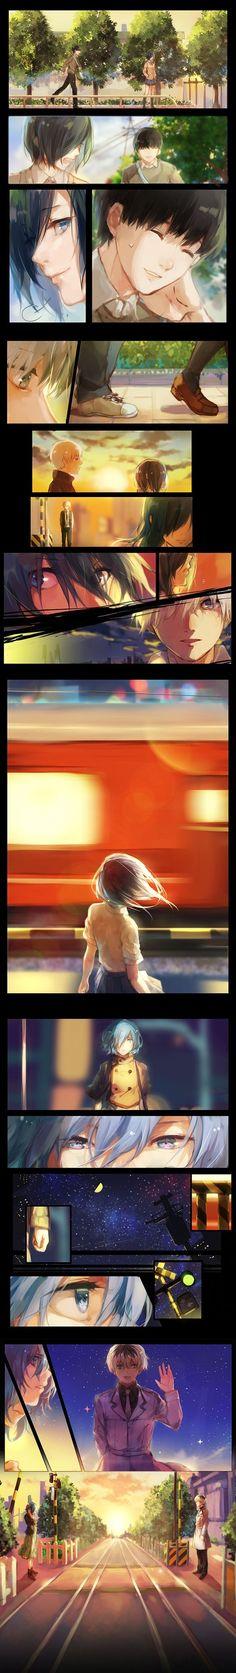 #Anime #TokyoGhoul ❤❤❤